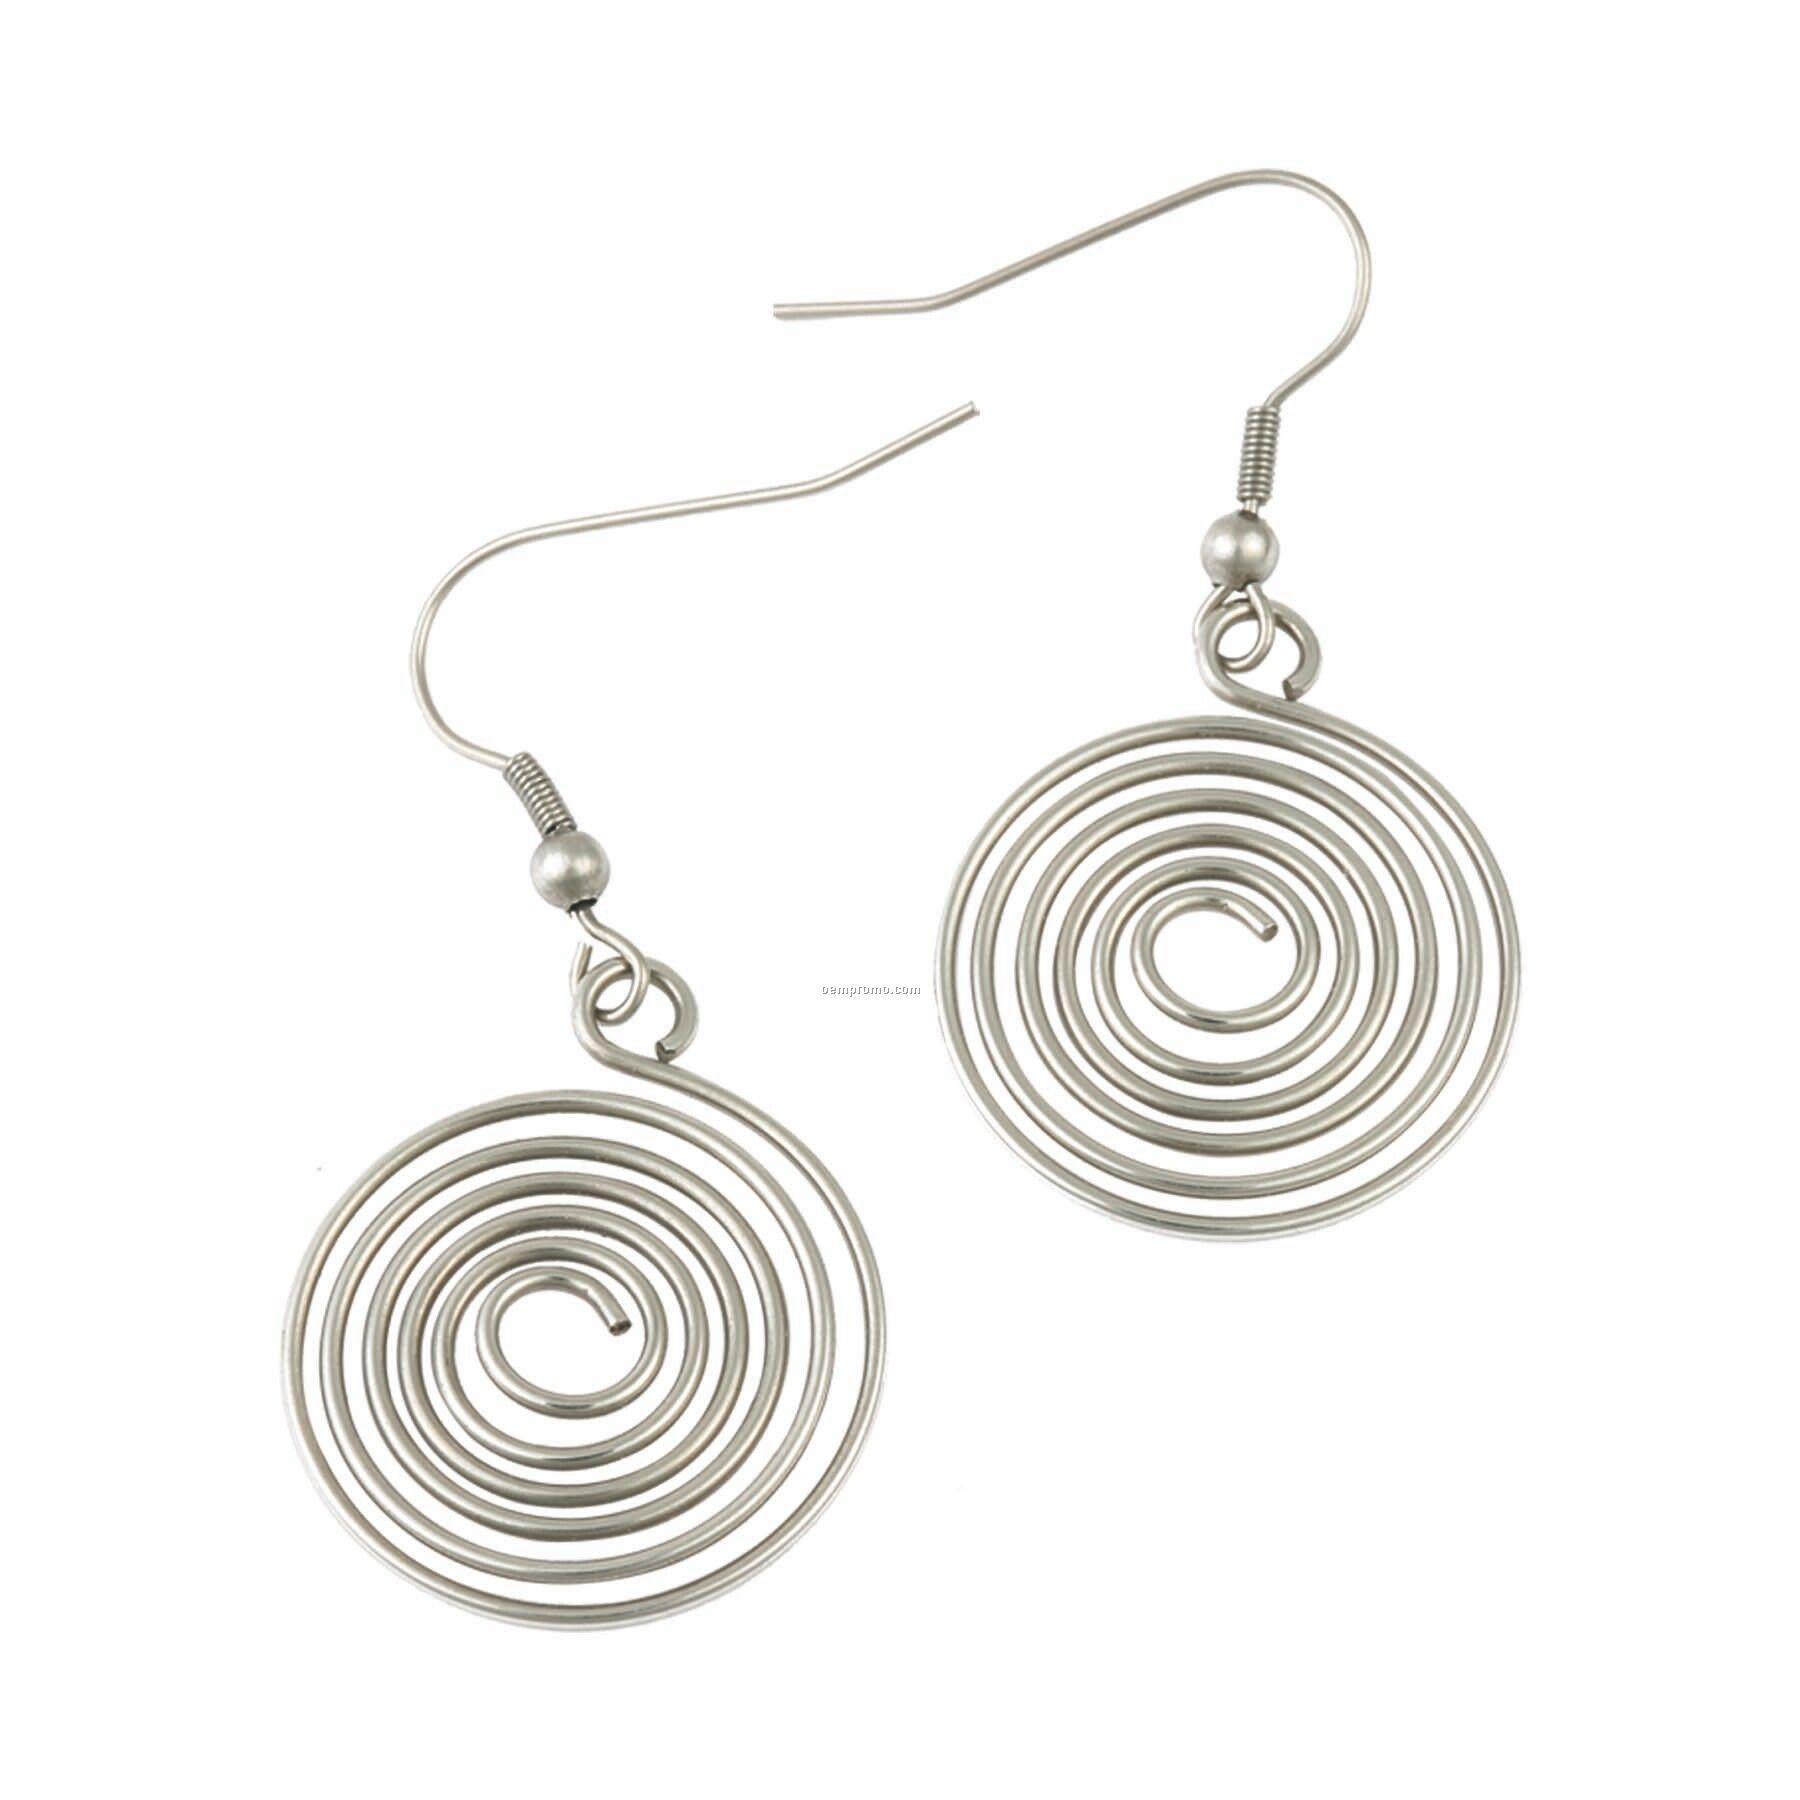 Earrings (Sterling Silver)